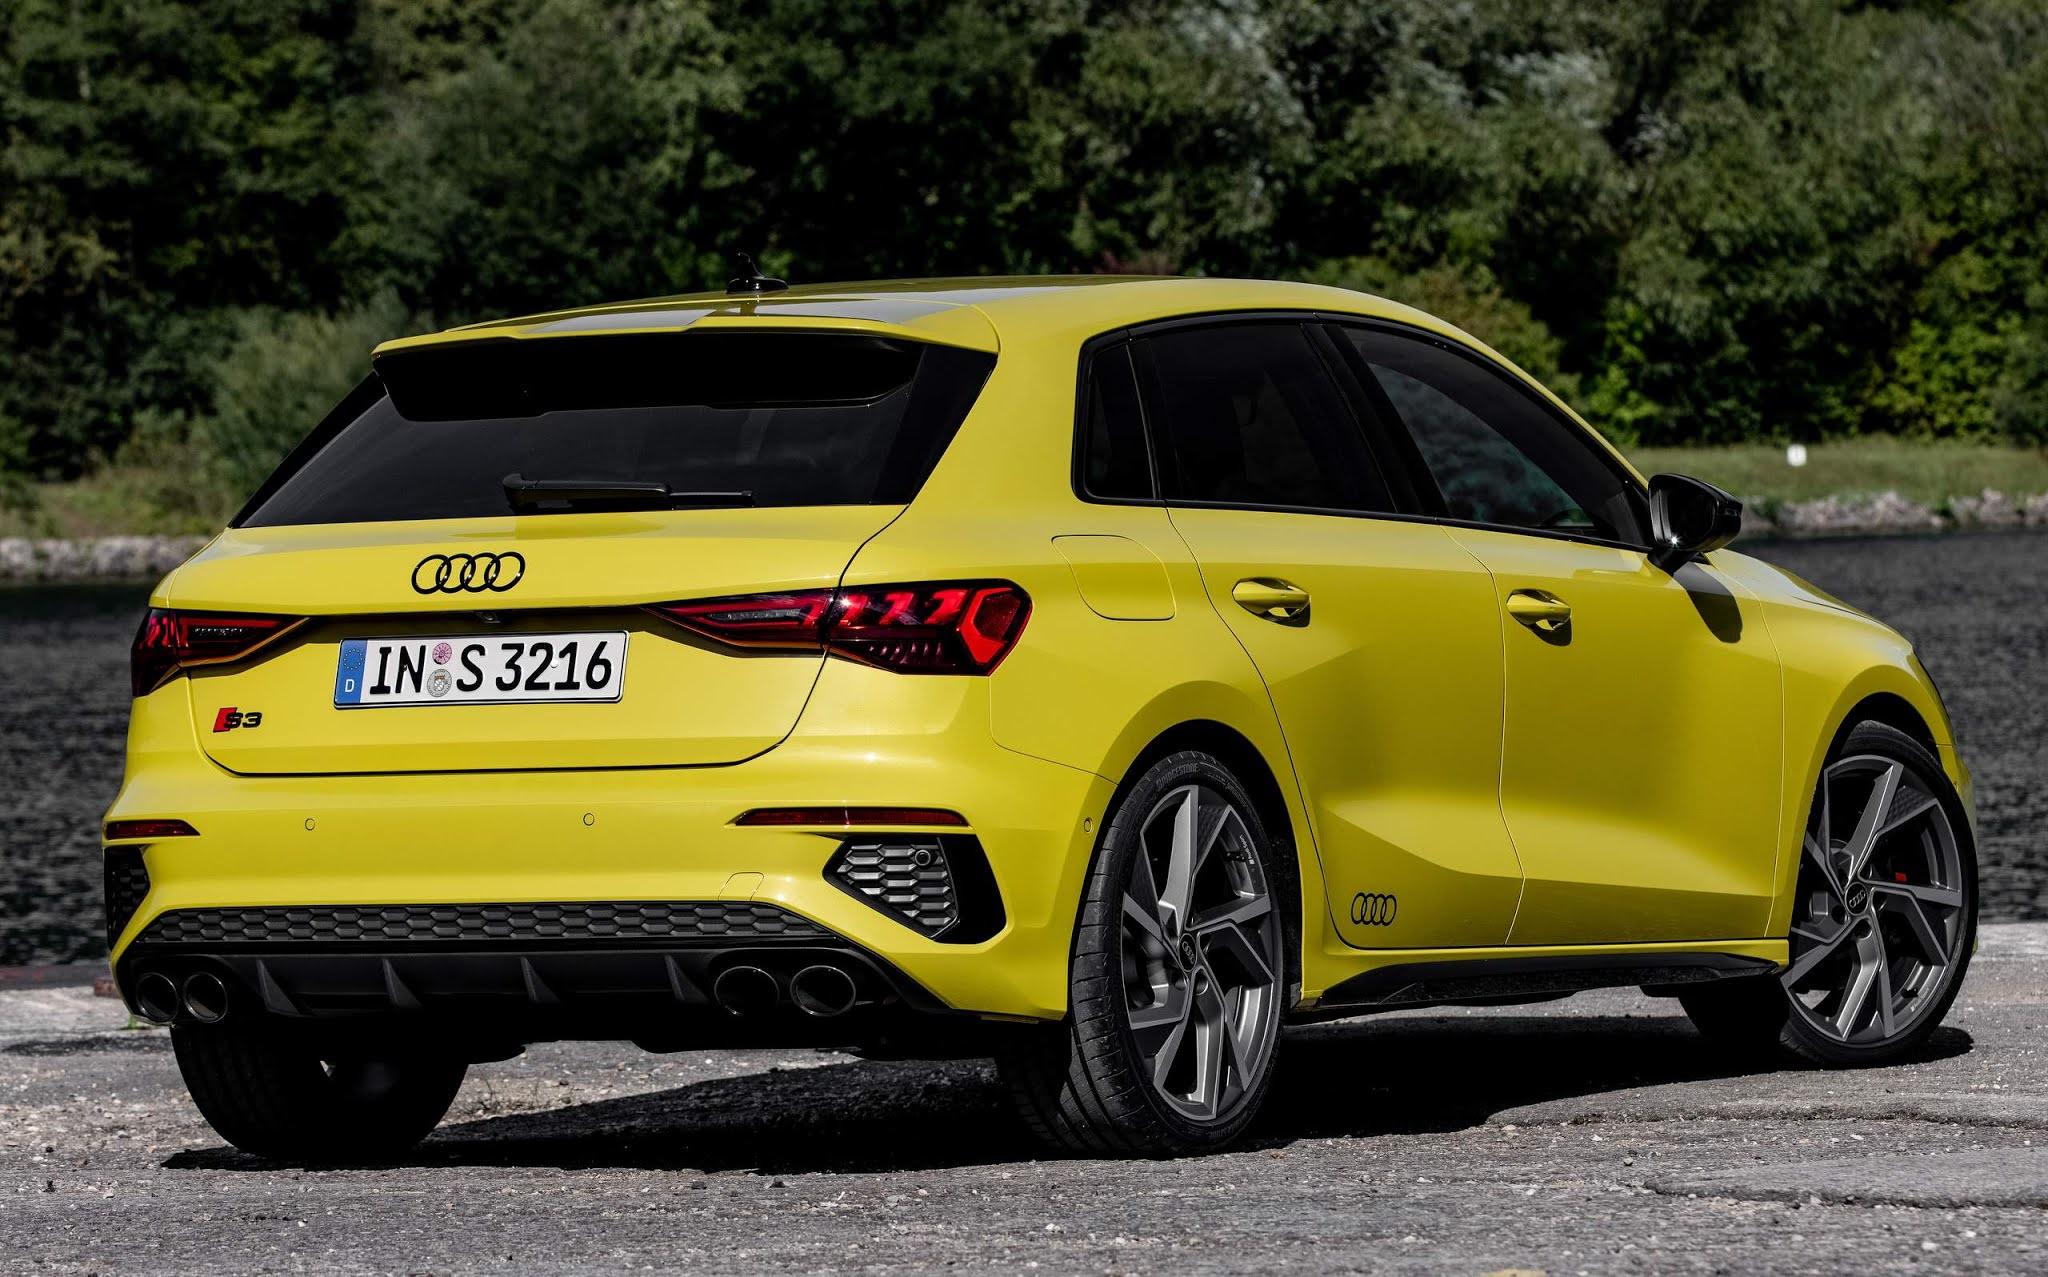 Novo Audi S3 Sportback pode vir ao Brasil em 2021 - fotos ...